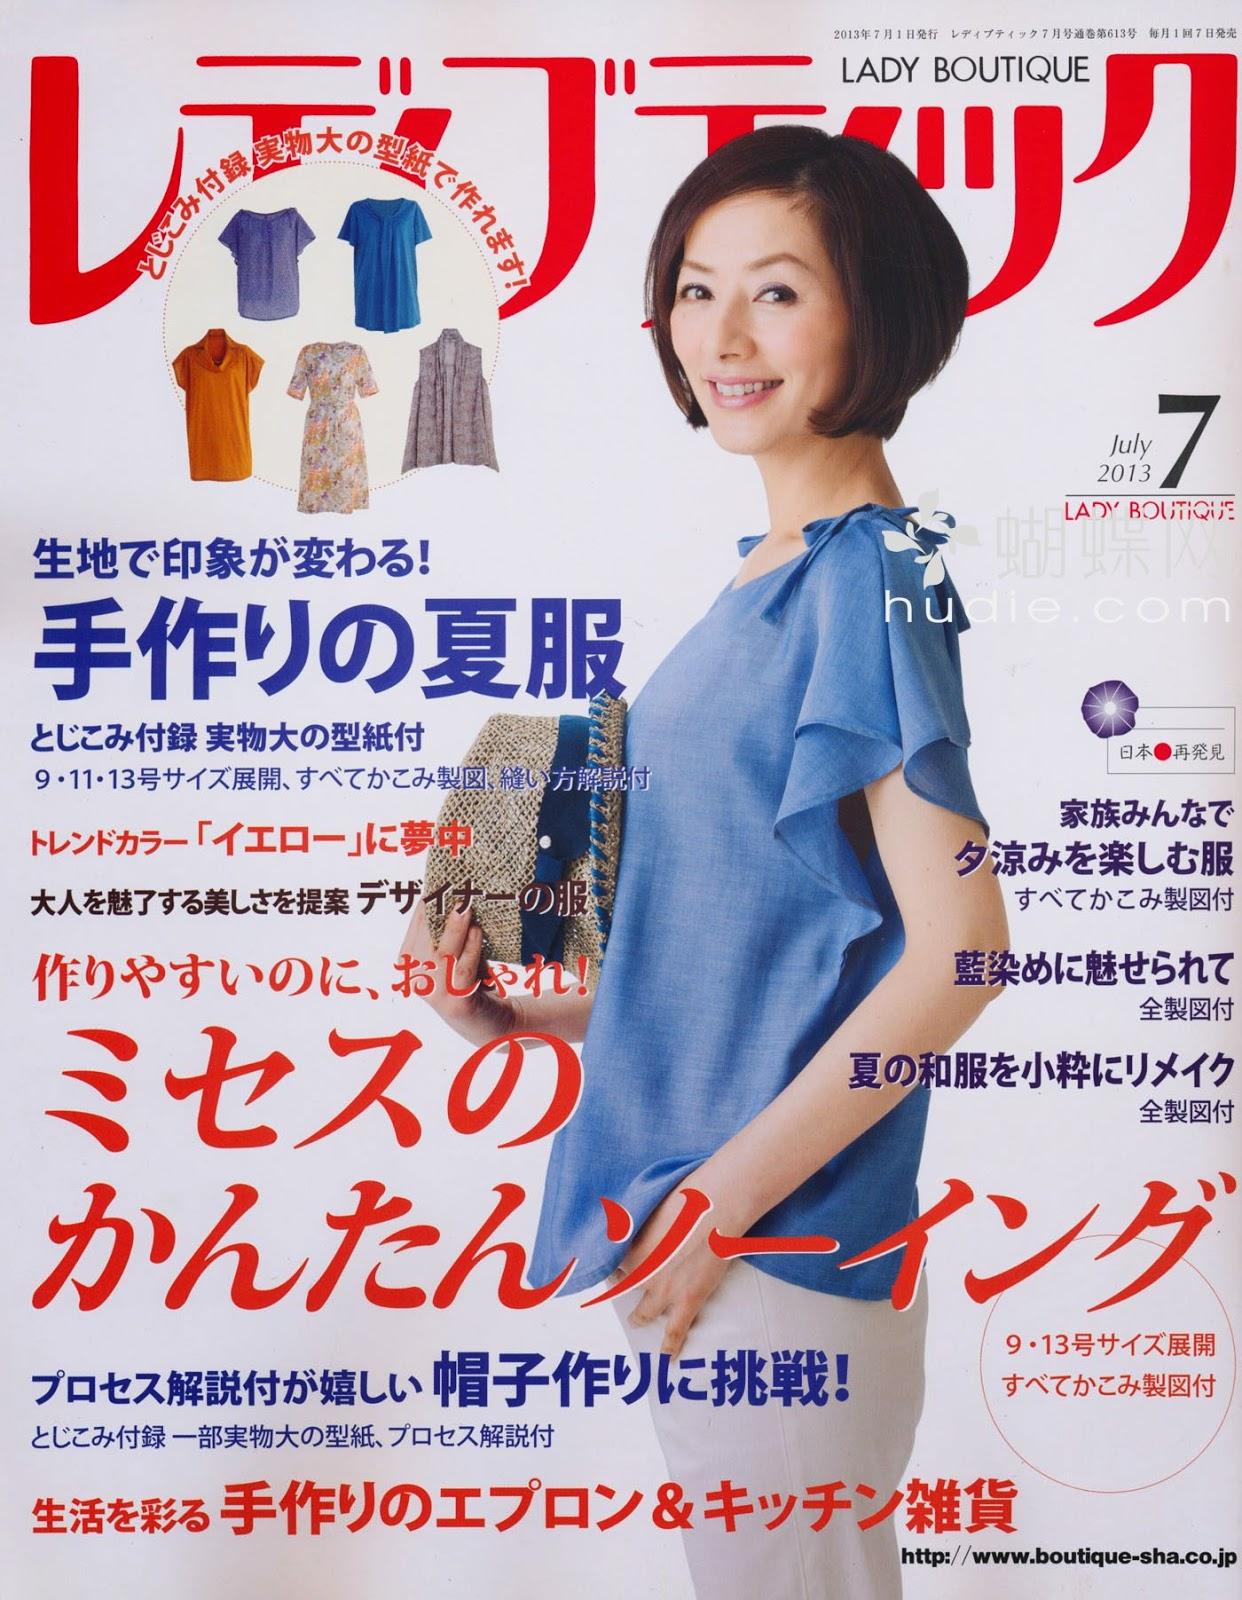 Lady Boutique (レディブティック) July 2013